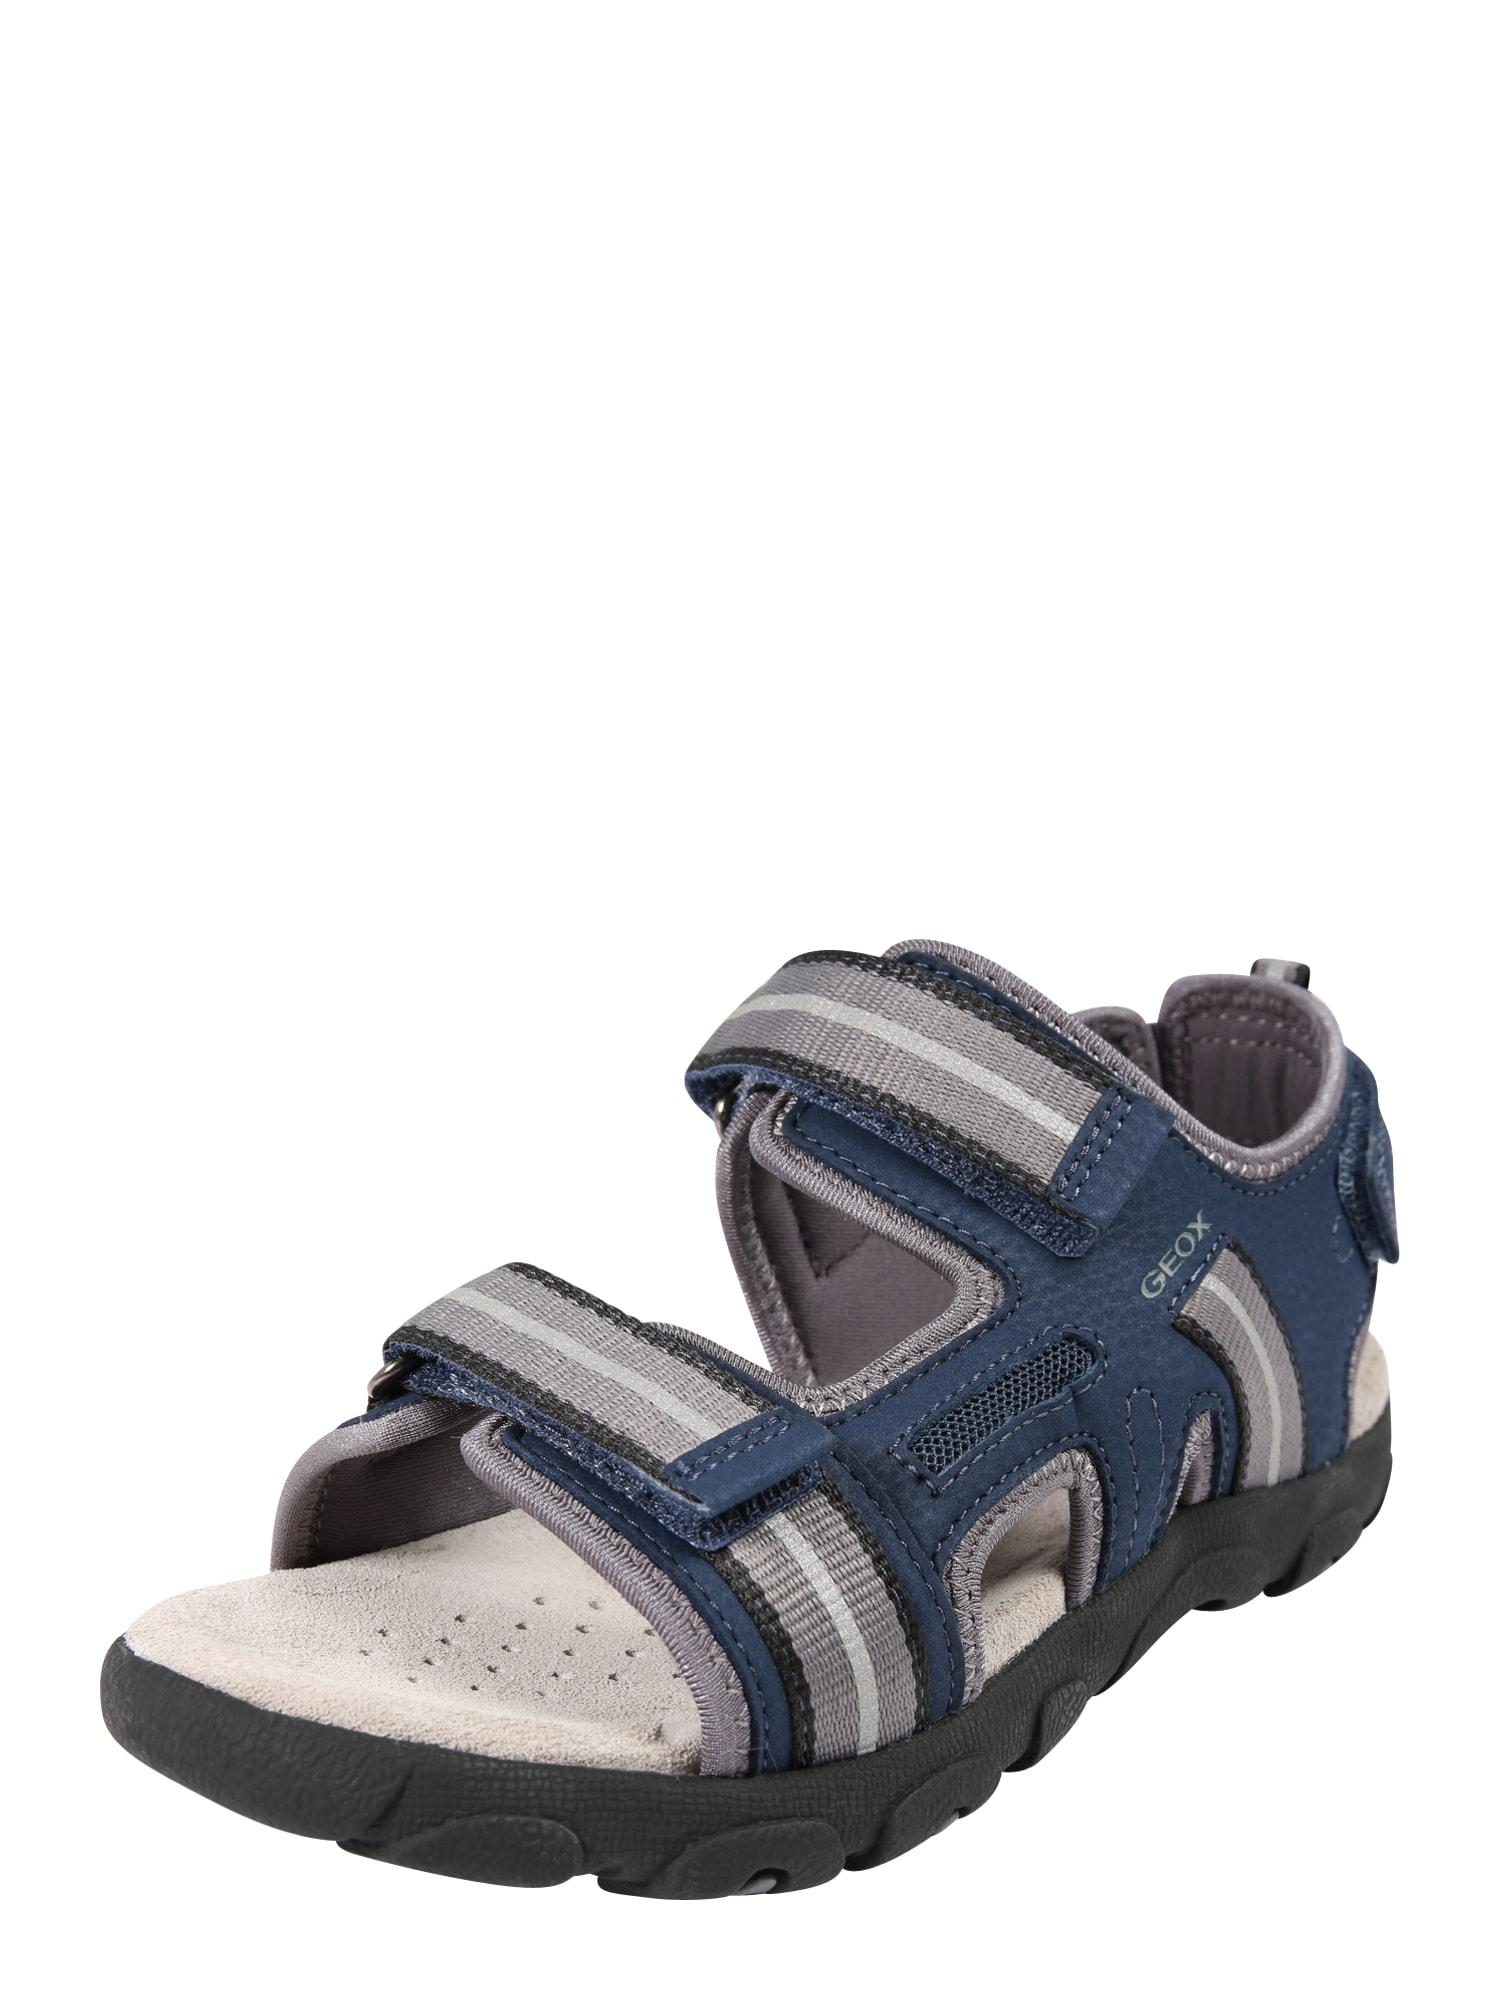 Otevřená obuv JR STRADA námořnická modř šedá GEOX